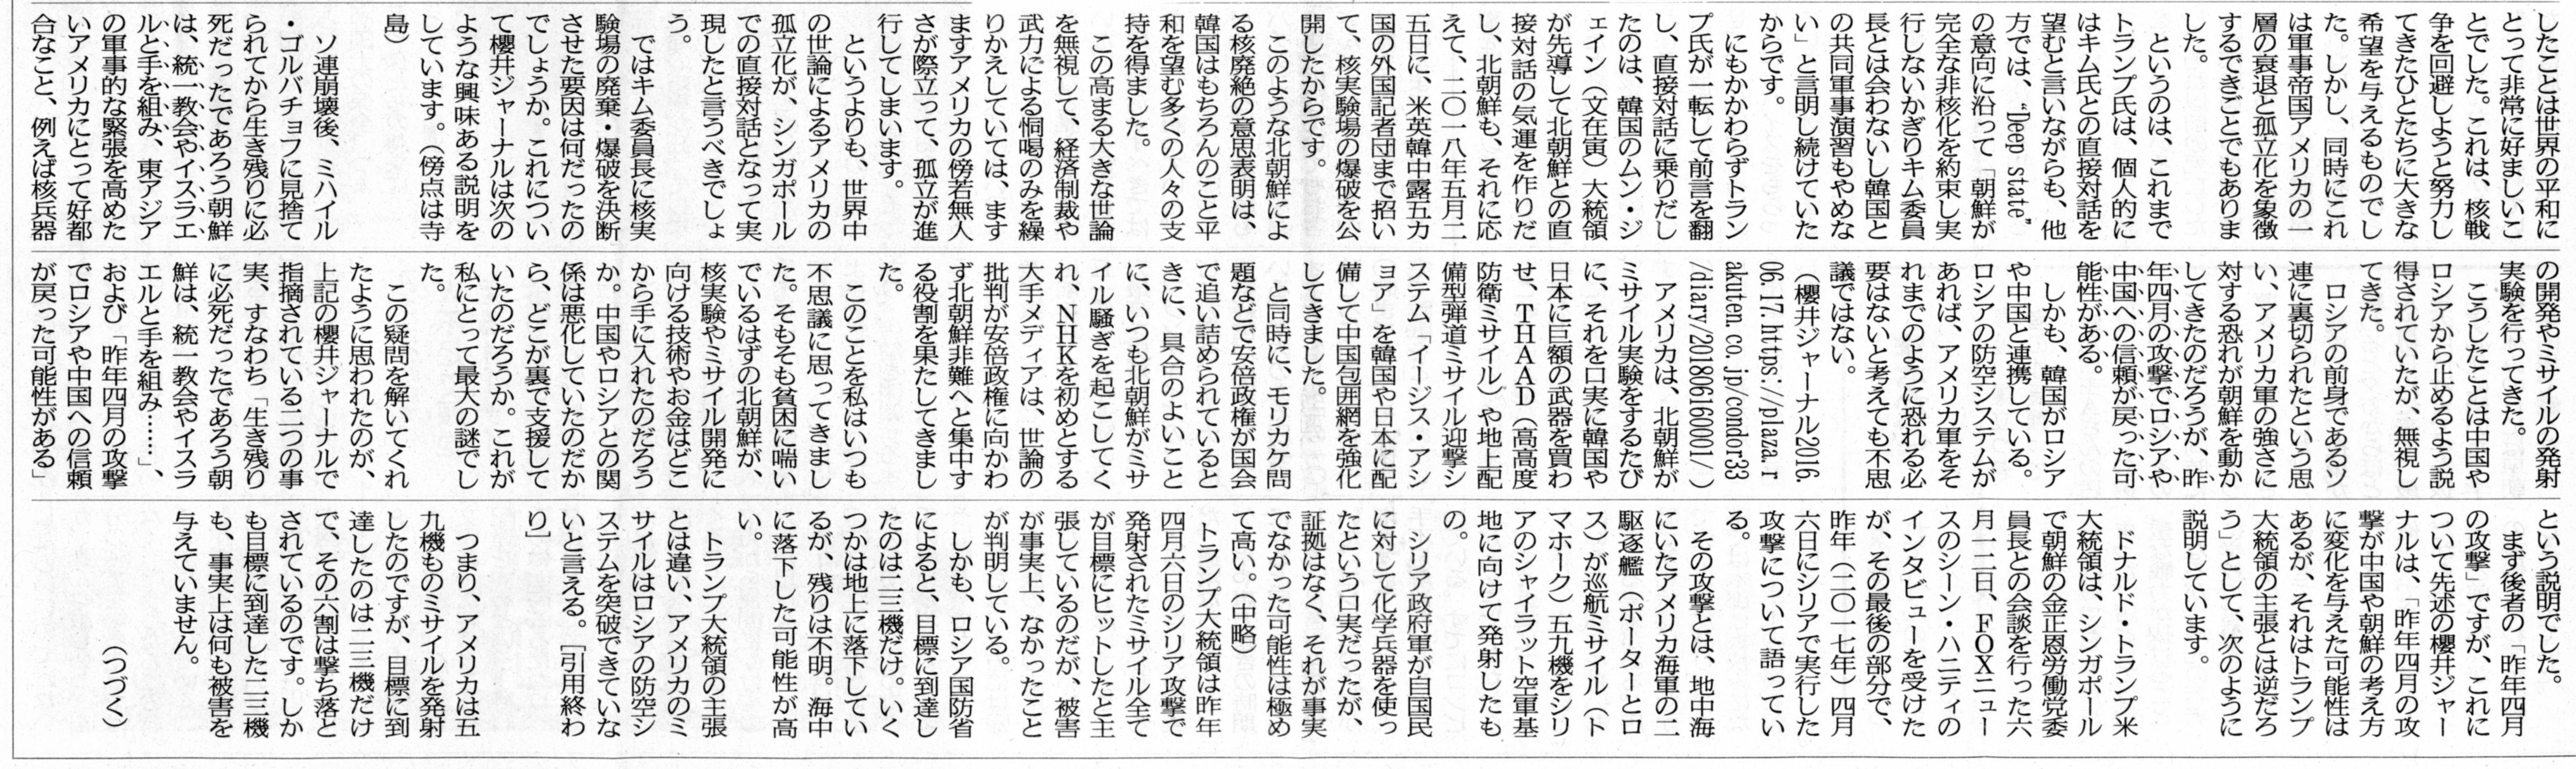 長州新聞20190210神に選ばれた国と神に選ばれた民に未来はあるか③216